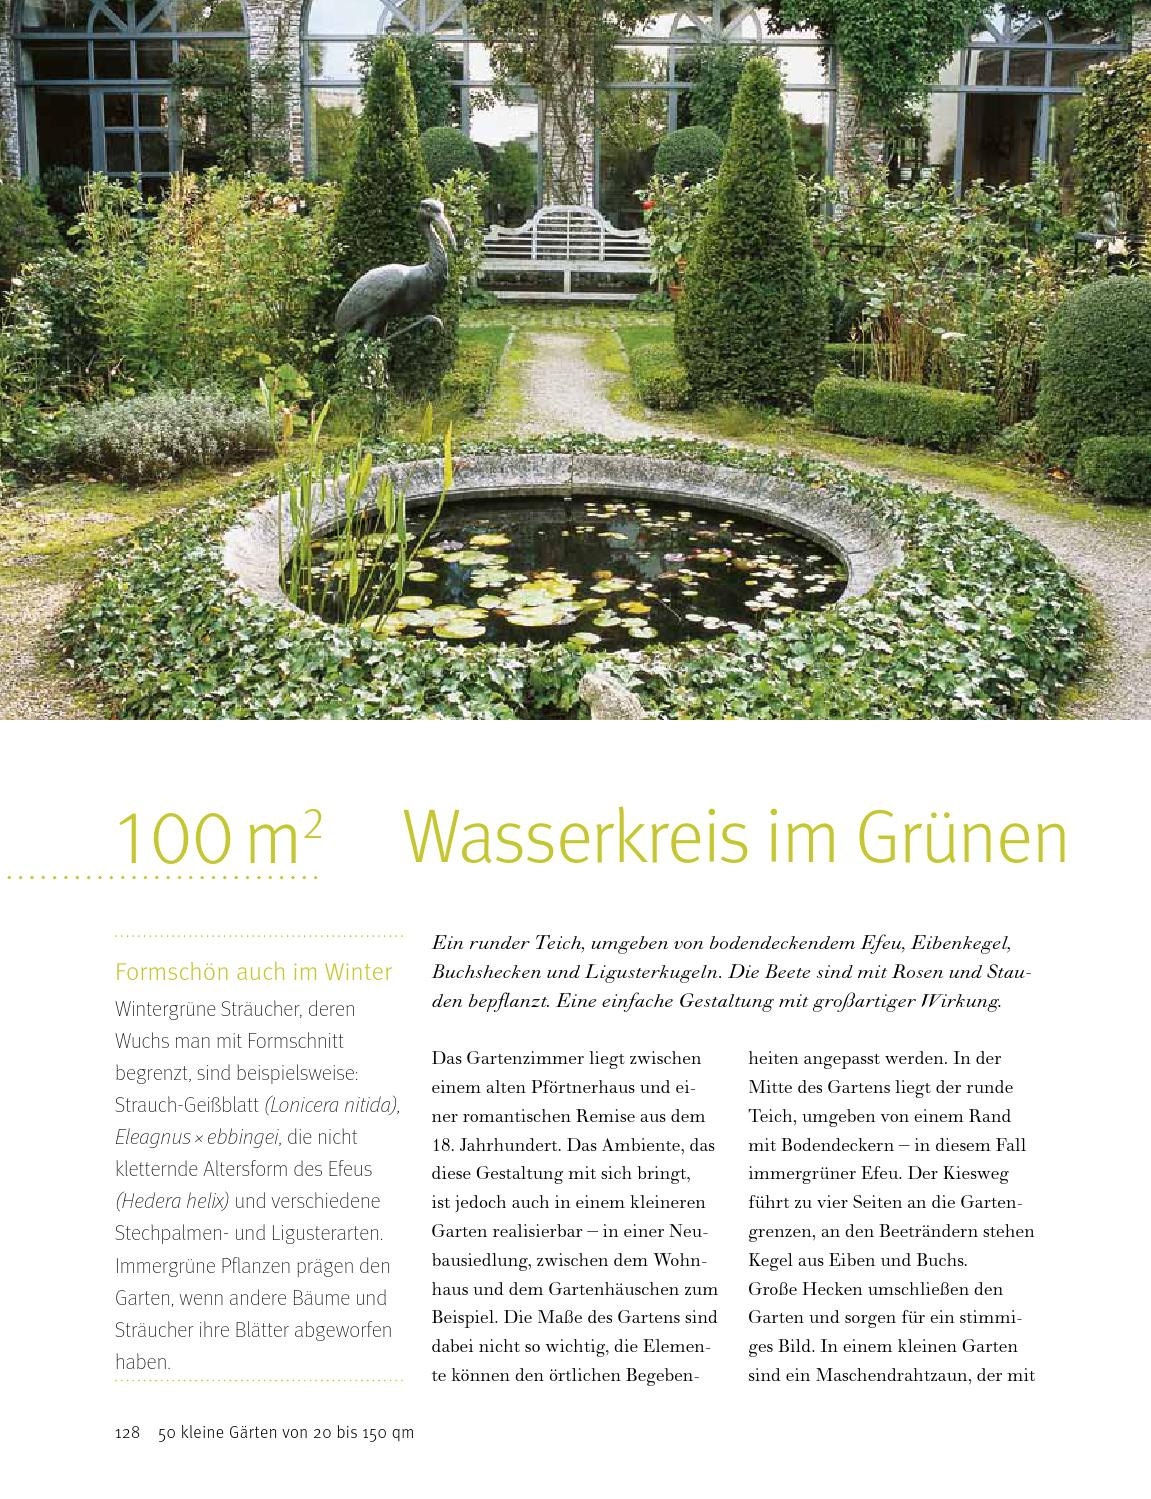 Louwerse 50 kleine Gaerten Callwey issuu by Georg D.W. Callwey GmbH